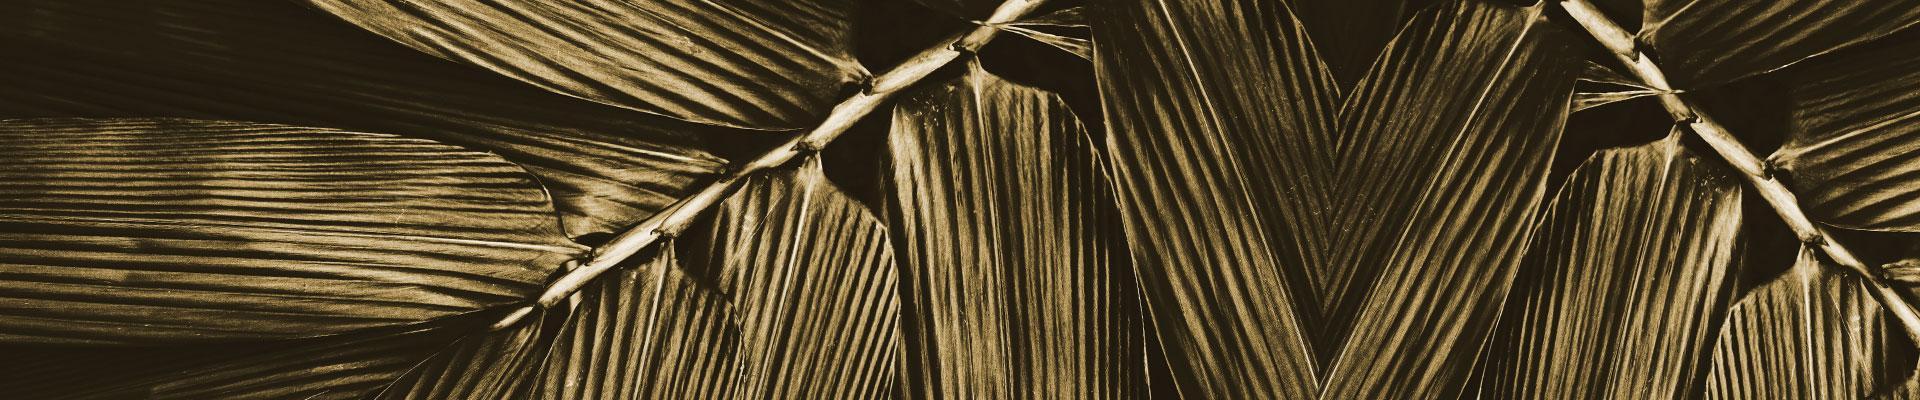 BambuBlack banner 1